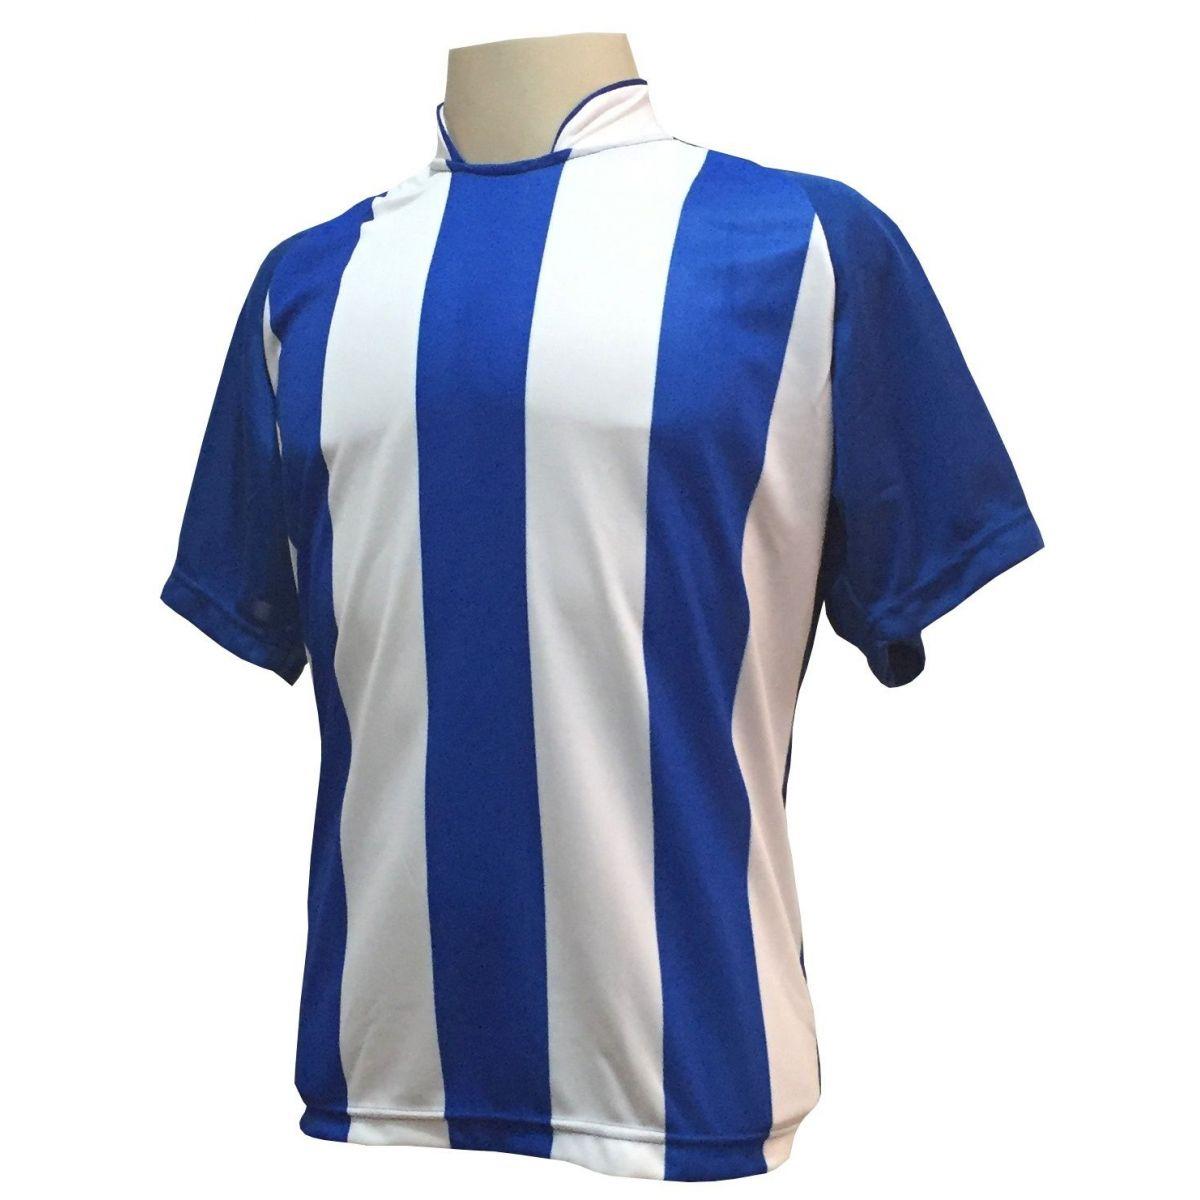 Uniforme Esportivo com 12 Camisas modelo Milan Royal/Branco + 12 Calções modelo Madrid Royal